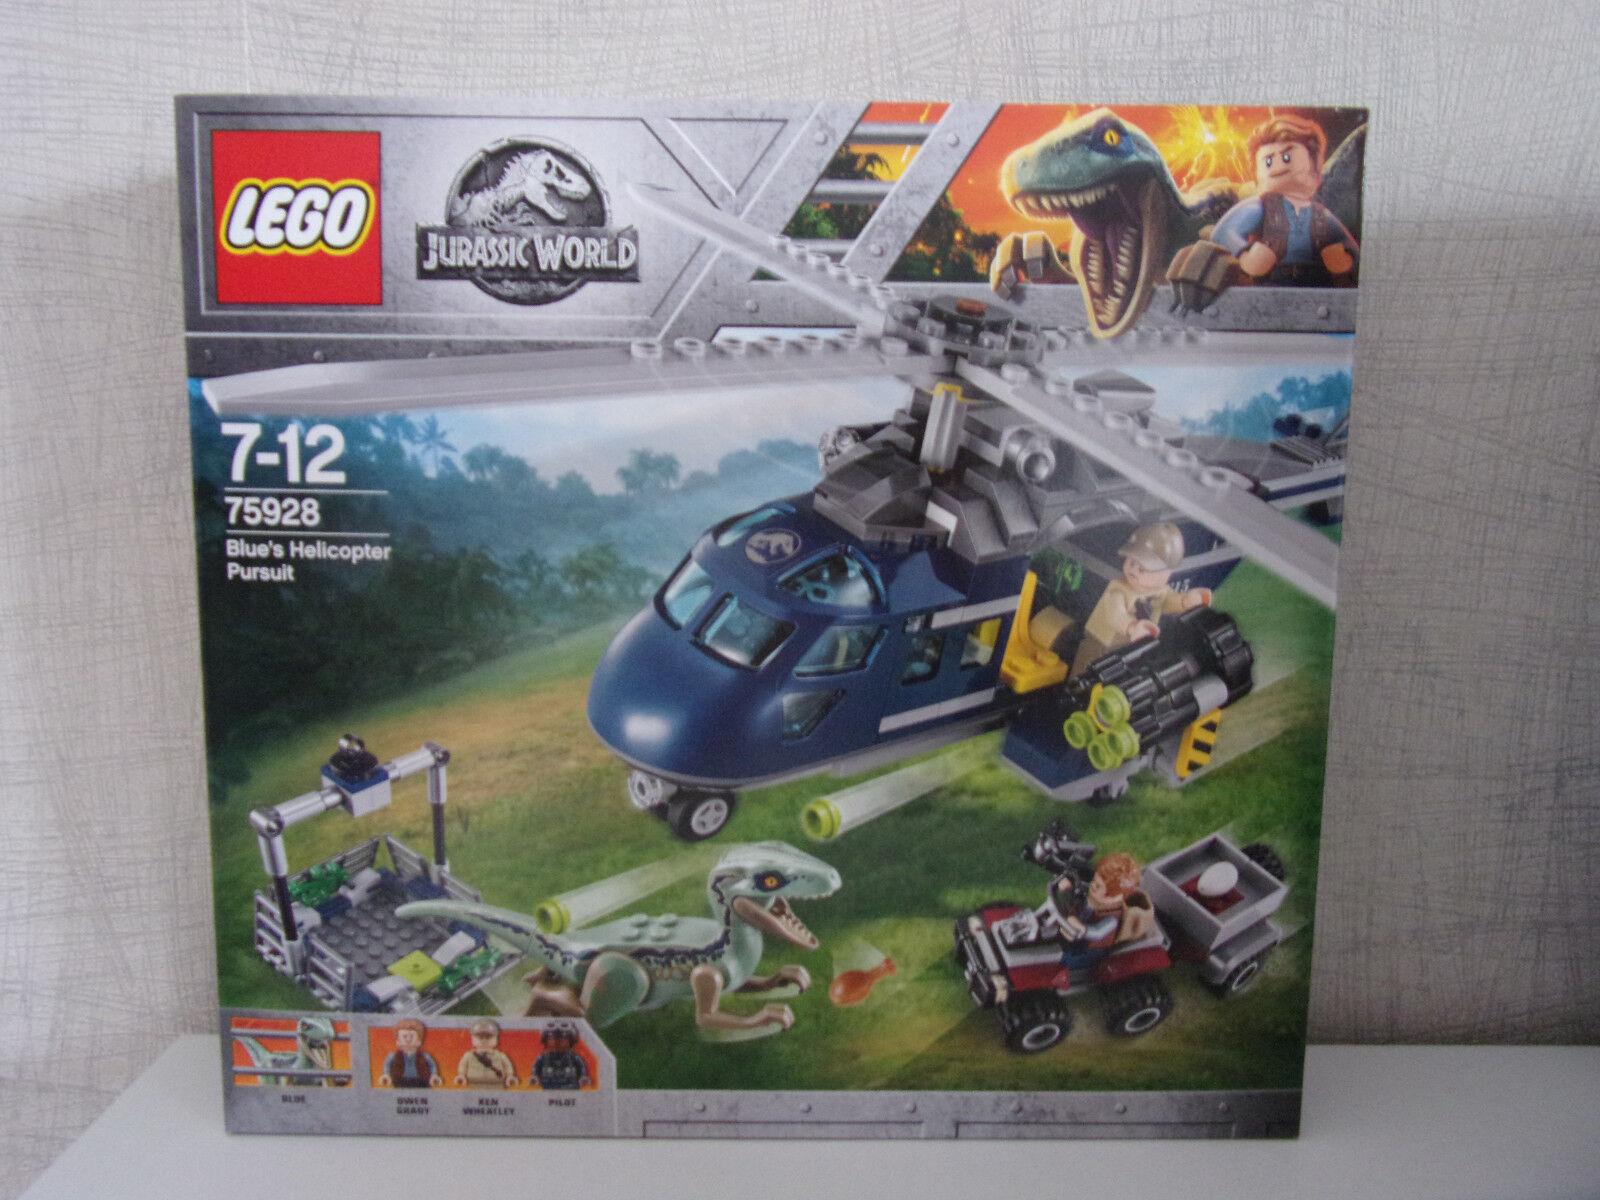 Lego Jurassic World 75928 bleu's Helicopter Pursuit-NOUVEAU & NEUF dans sa boîte